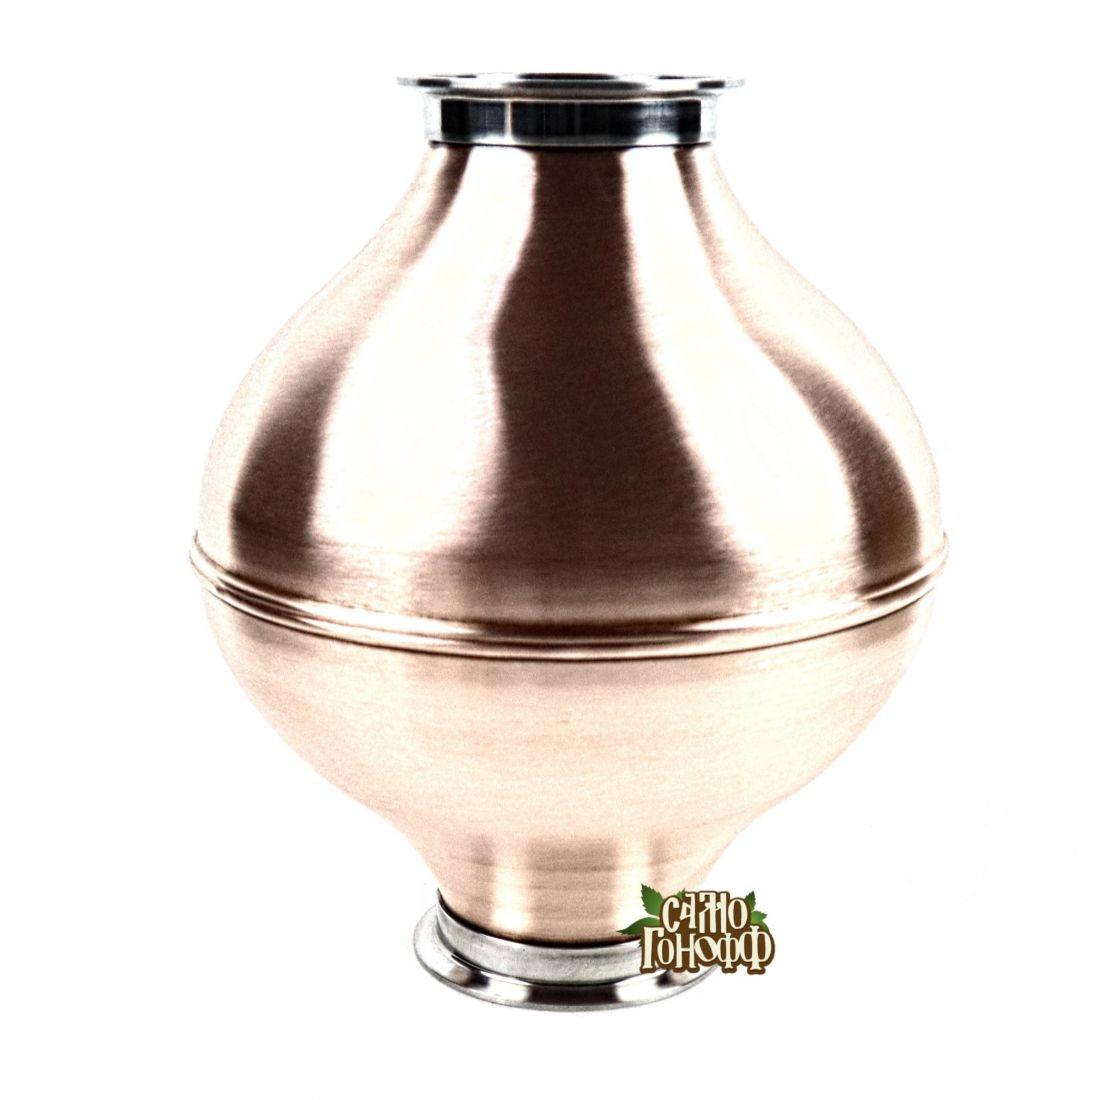 Шлем вискарный медный (шар), 10 литров, под кламп 4 дюйма